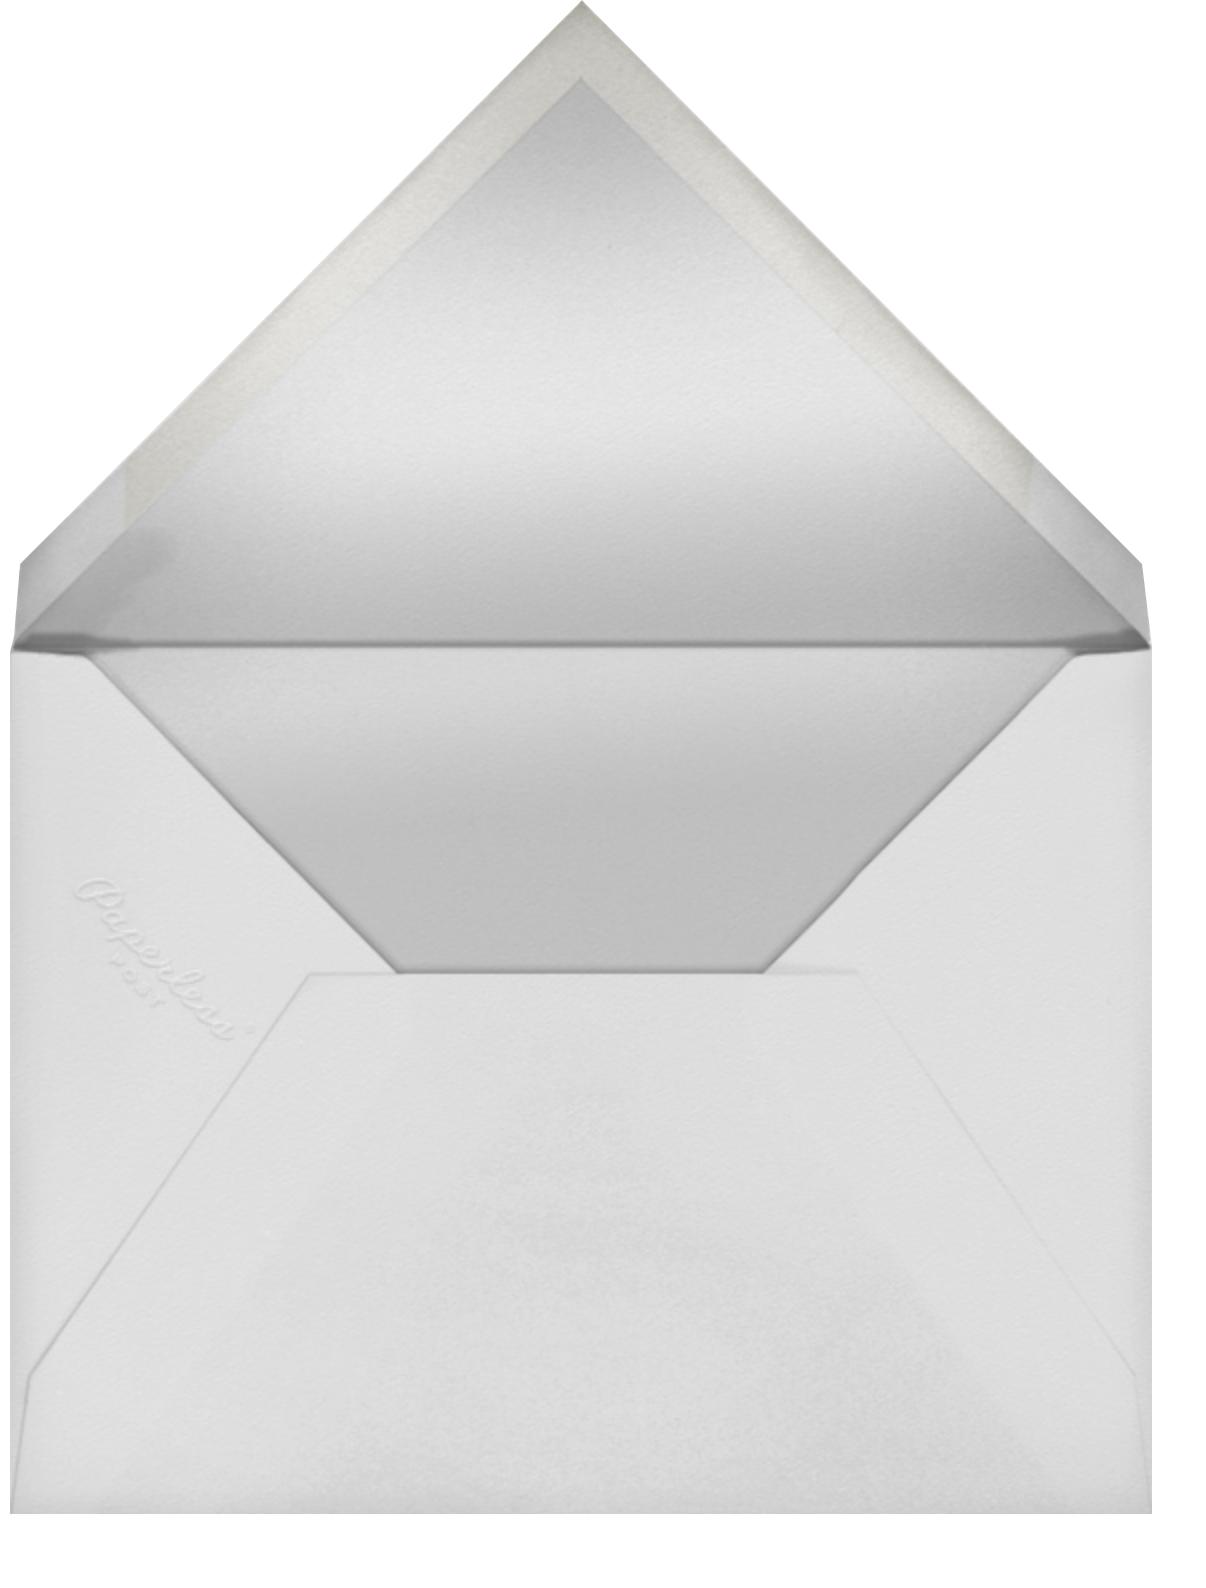 Josephine Baker (Program) - White/Gold - Paperless Post - Menus and programs - envelope back